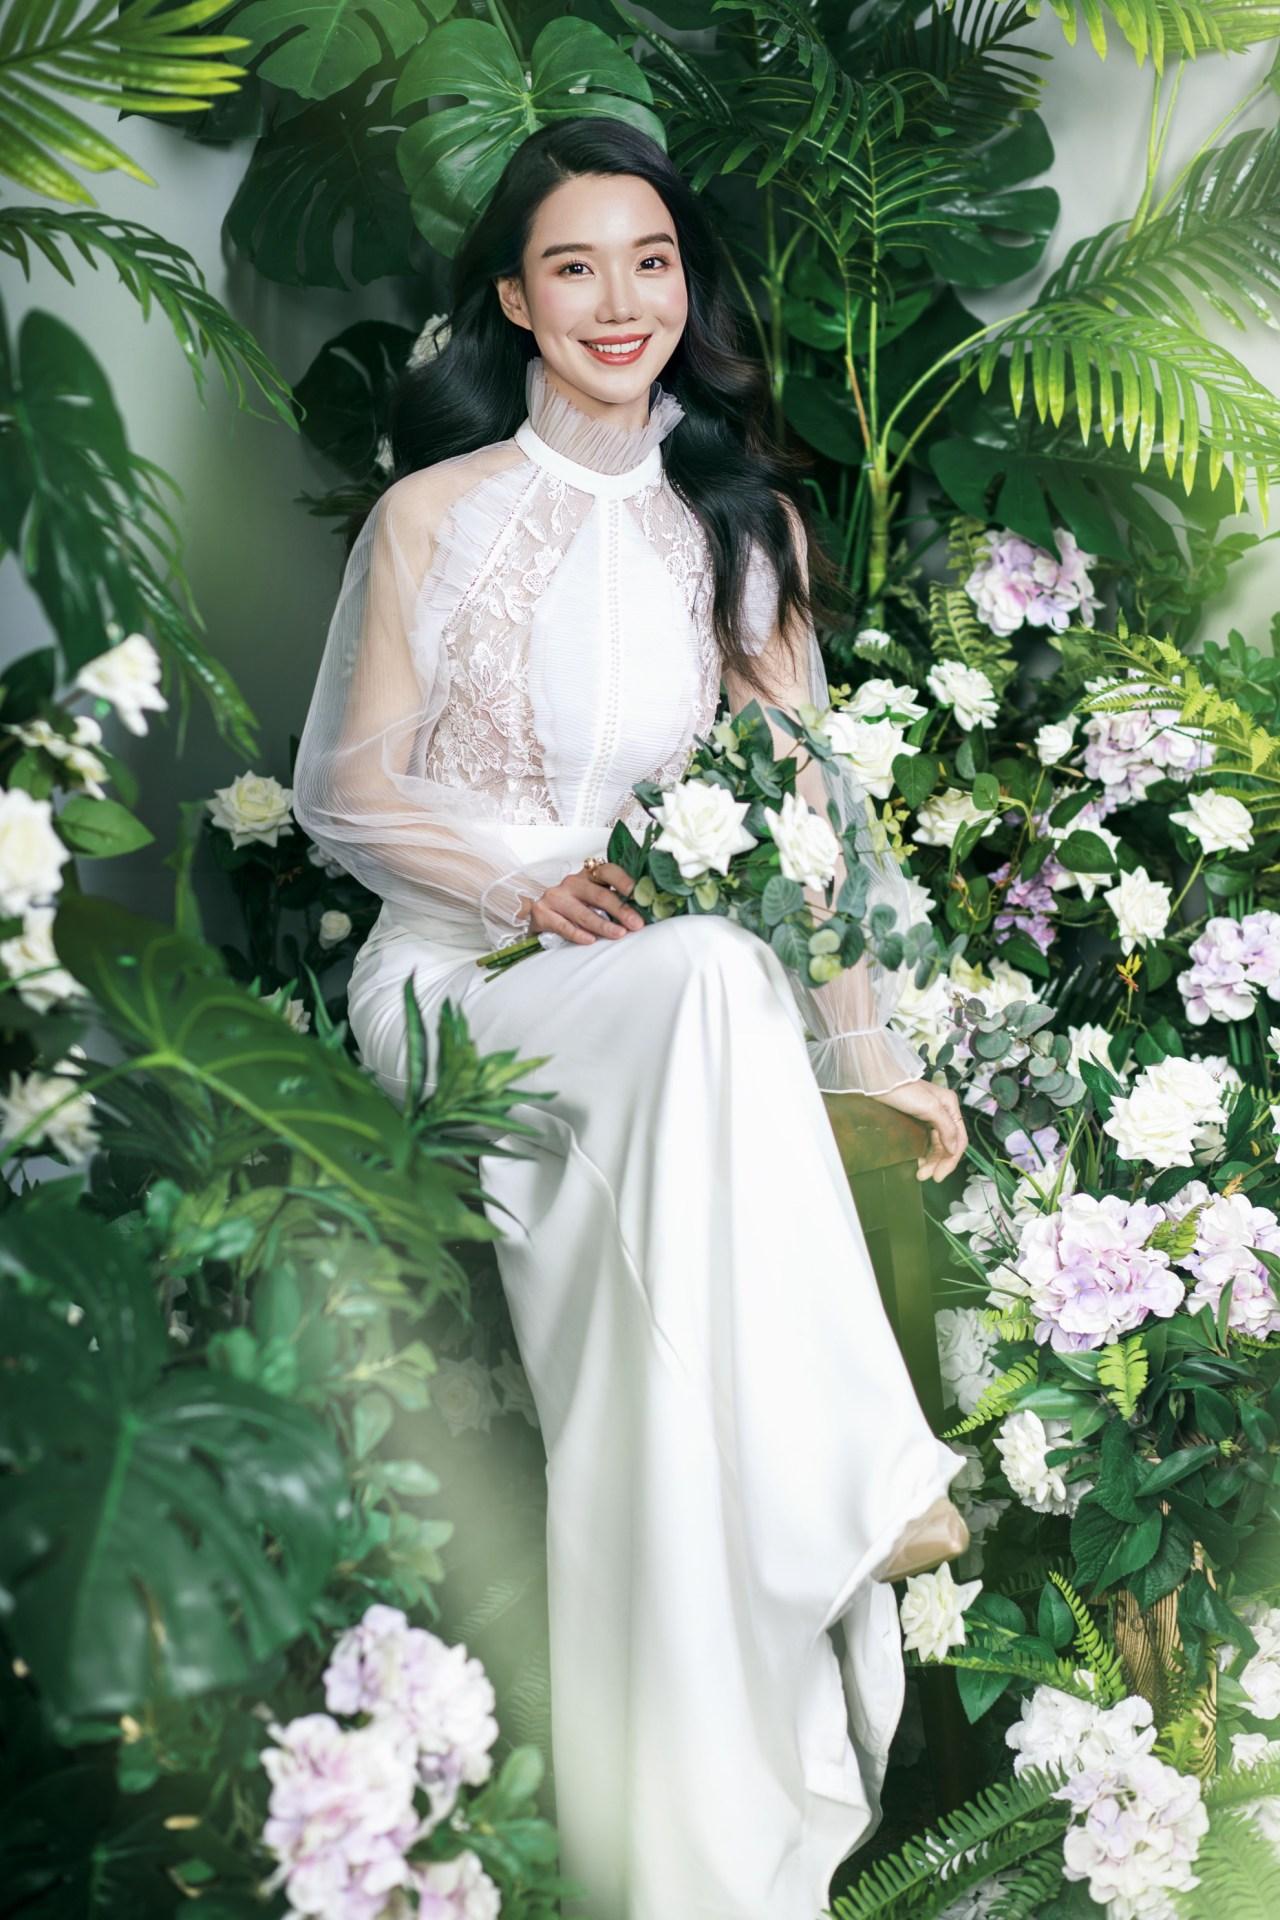 台灣婚紗品牌 禮服婚紗品牌 手工婚紗 手工禮服